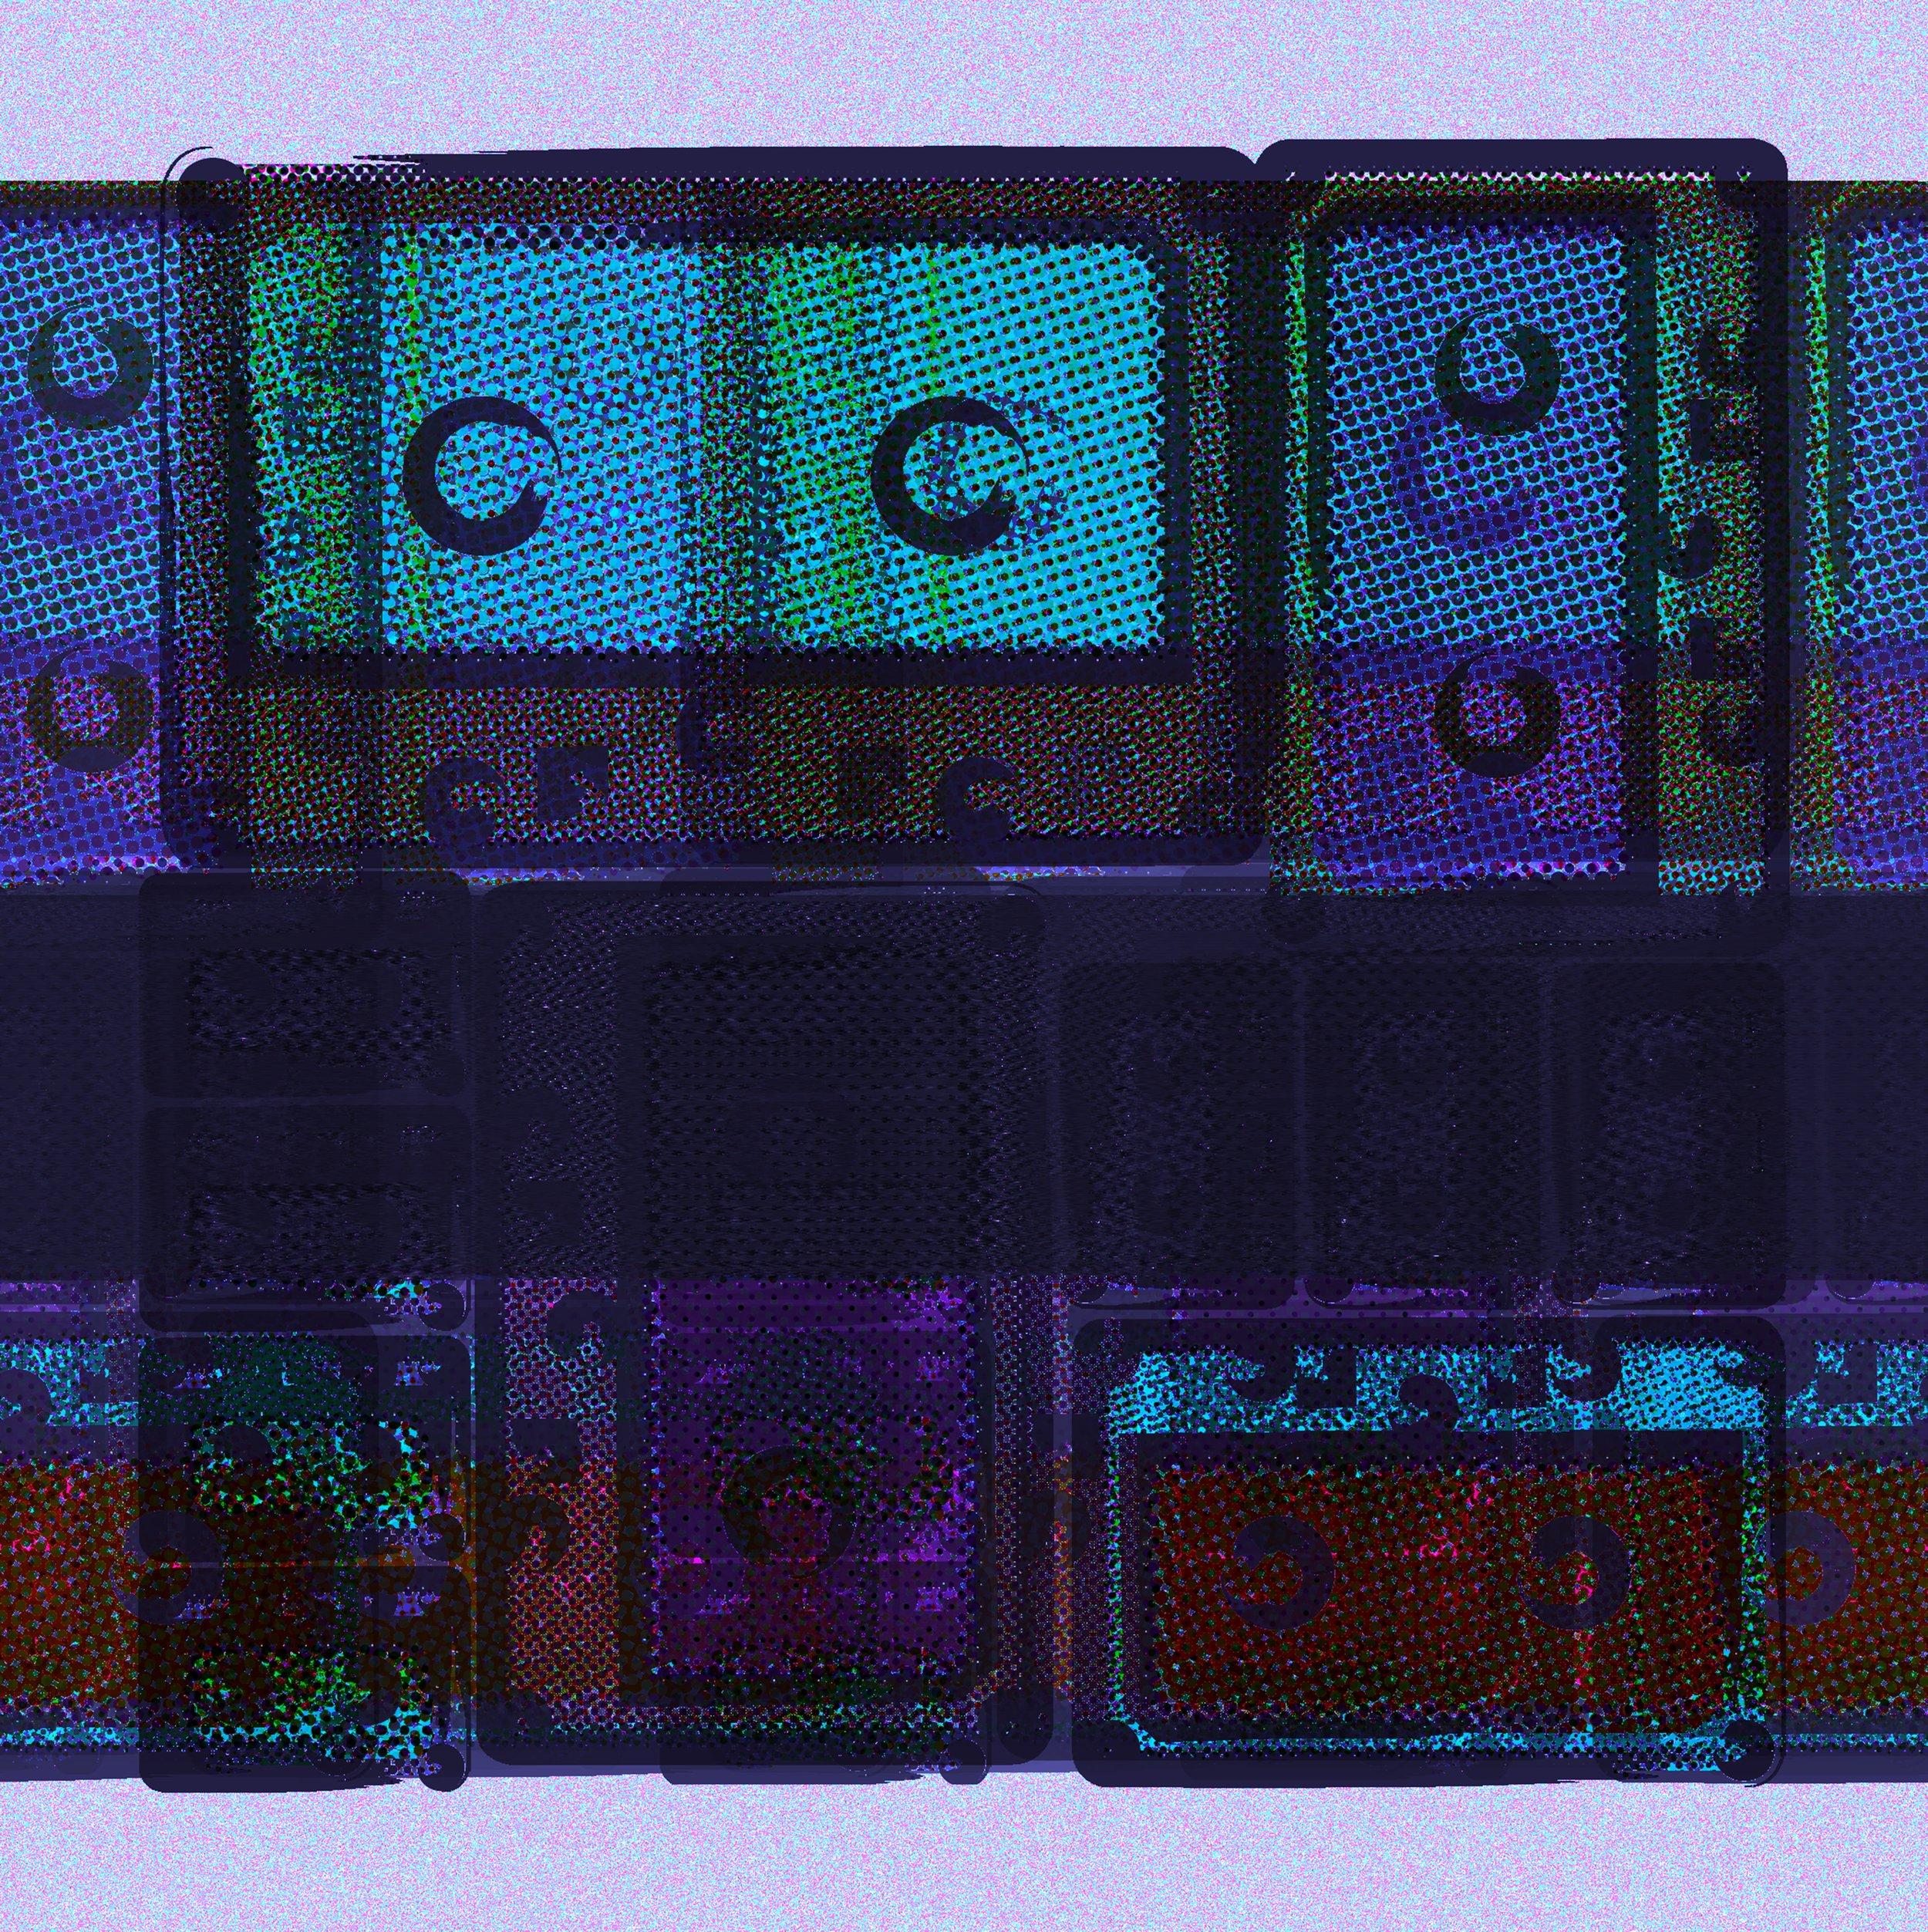 BLUE_Tile_1c@3x.jpg